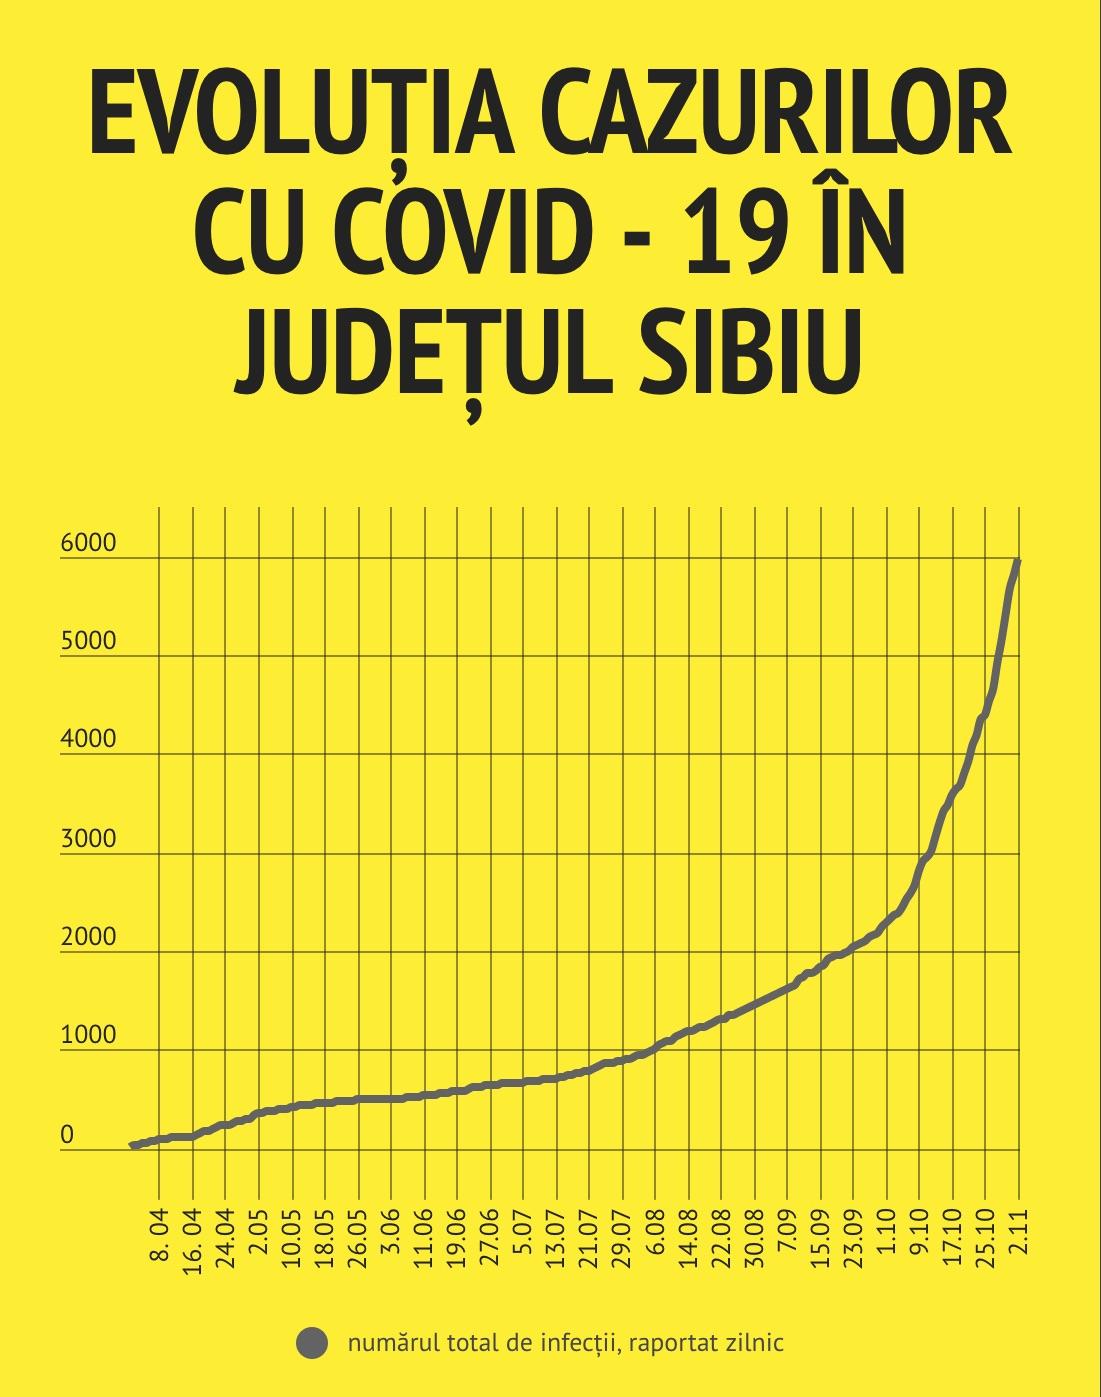 164 de cazuri noi, astăzi. 316 cazuri și 18 decese în două zile din noiembrie